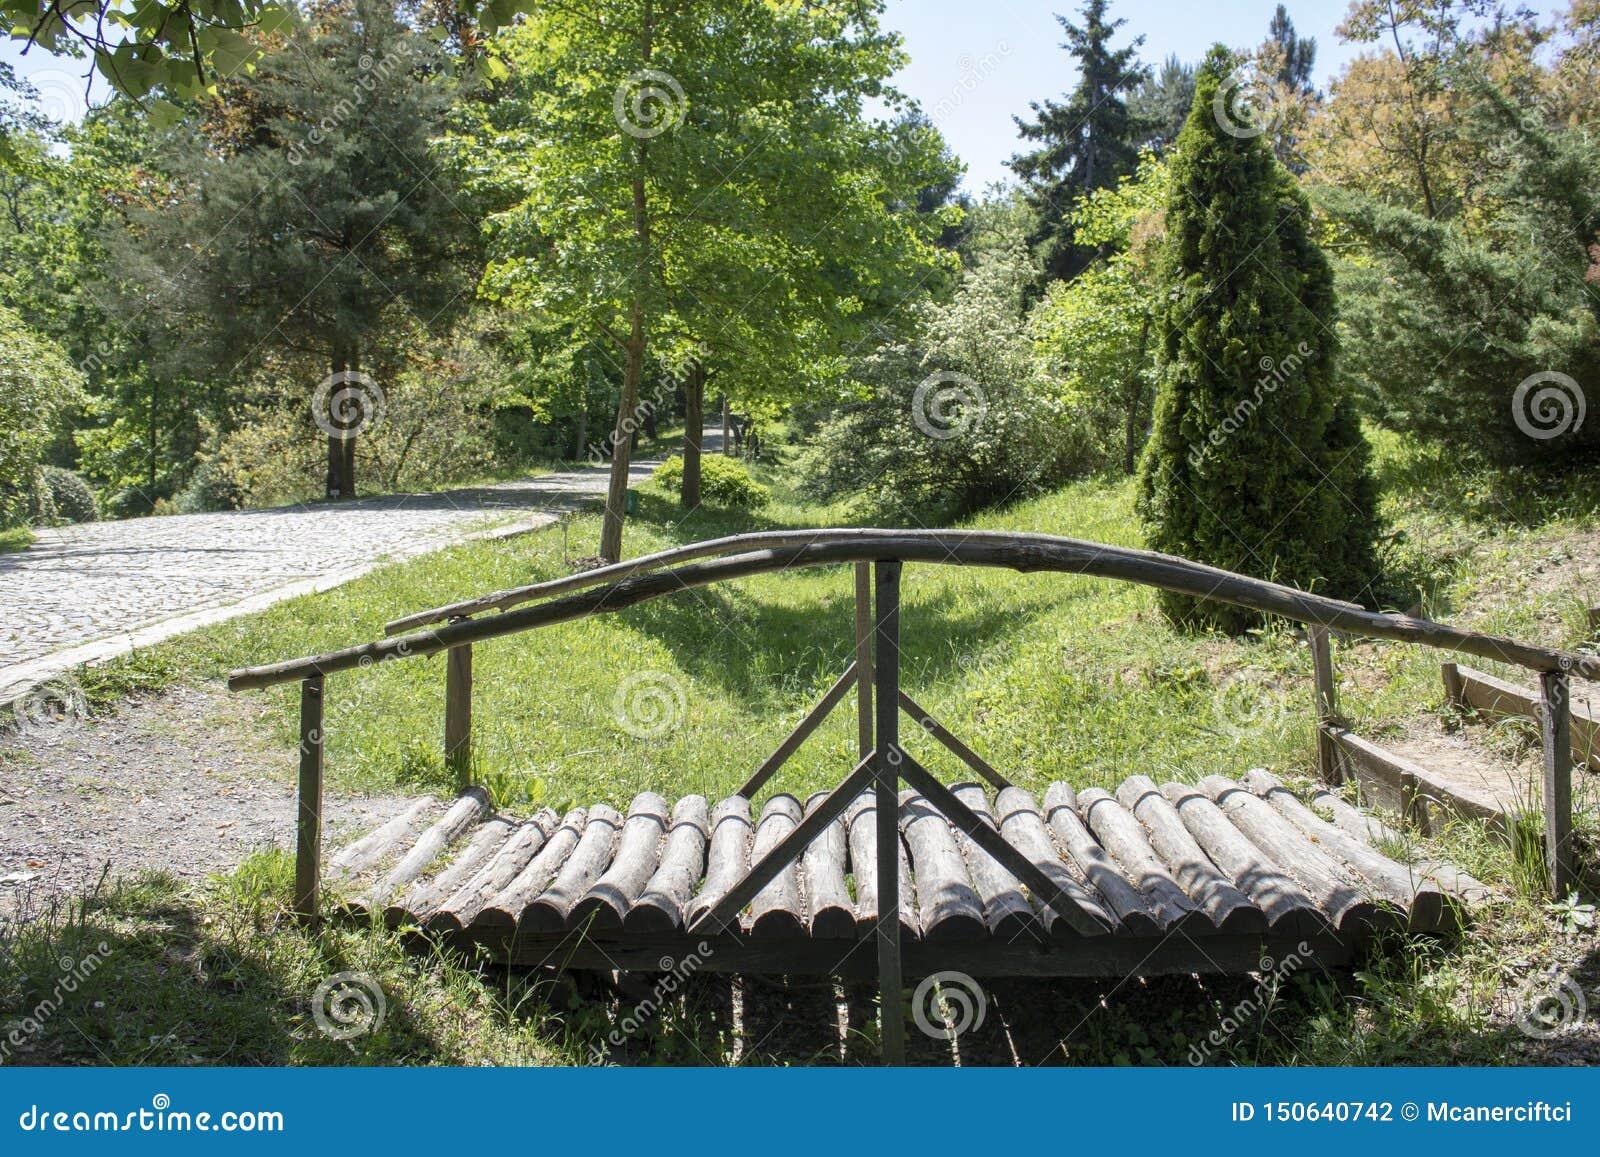 Forest roadside wooden bridge